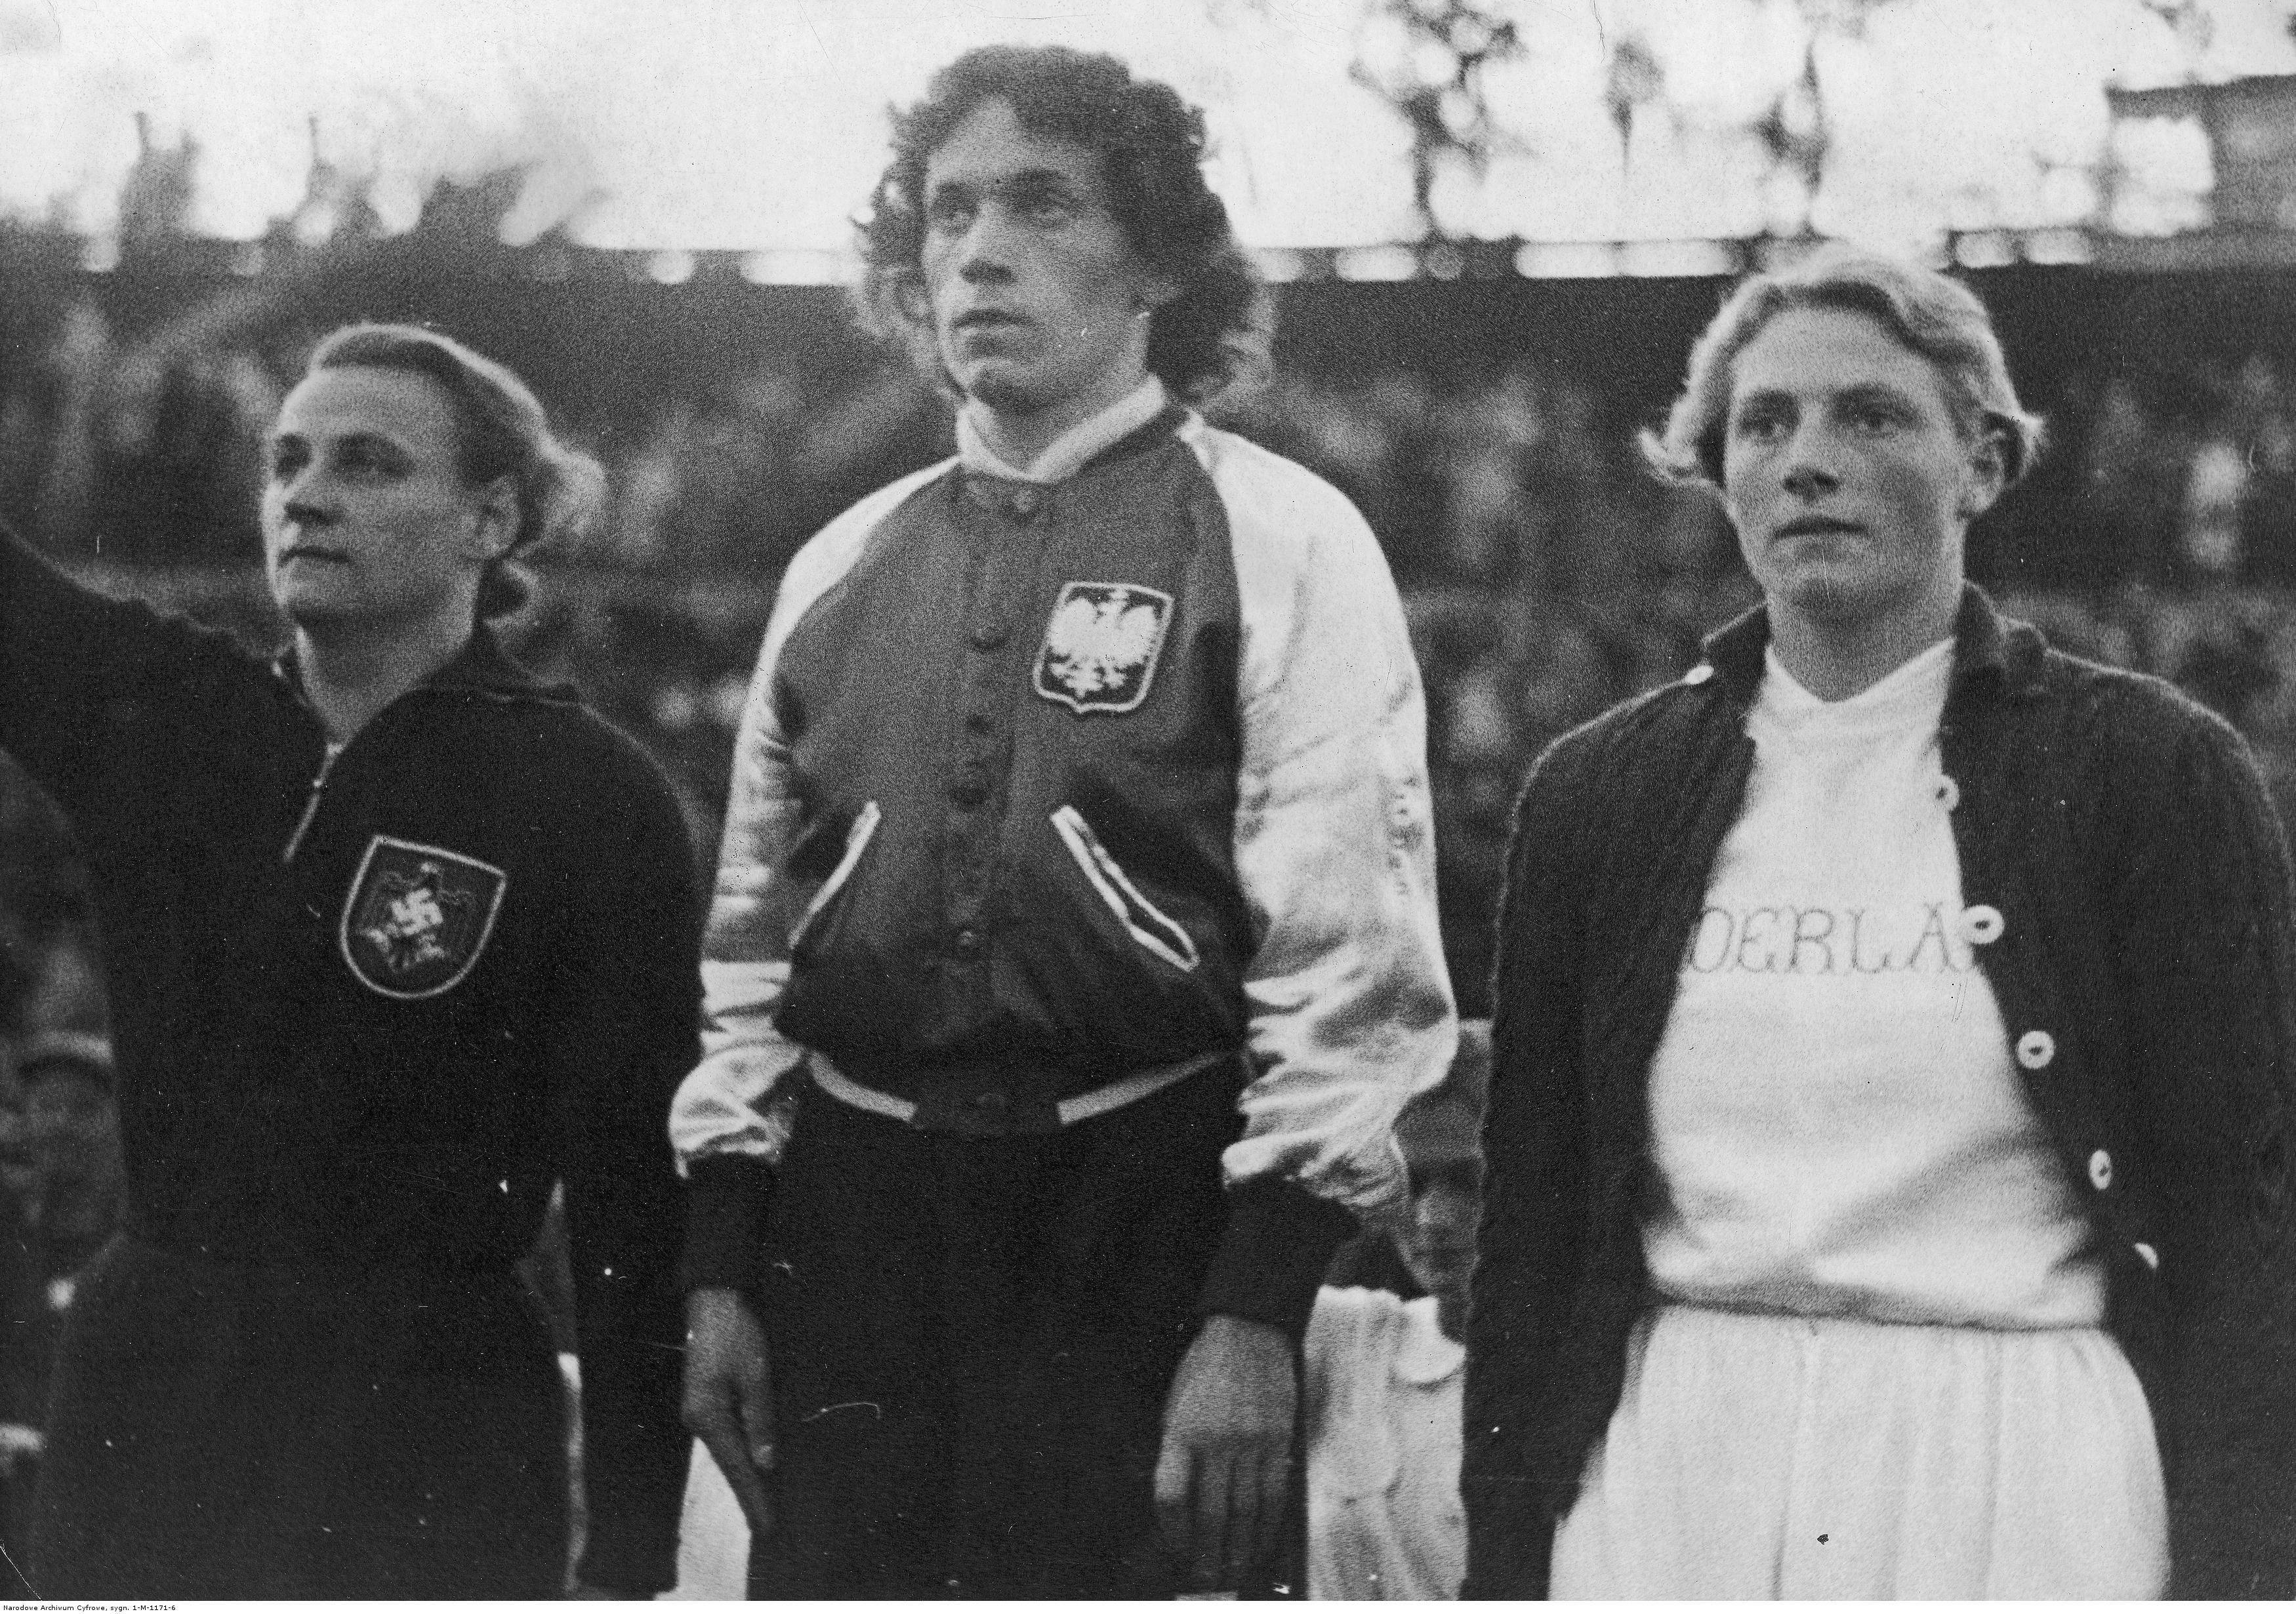 Zwyciężczynie biegu na 100 metrów: Stanisława Walasiewiczówna (złoto, w środku), Niemka Kathe Krauss (srebro) i Holenderka Fanny Blankers-Koen (brąz) na podium. II Mistrzostwa Europy w Lekkoatletyce (dla kobiet) w Wiedniu, 1938 r. (fot. Narodowe Archiwum Cyfrowe)